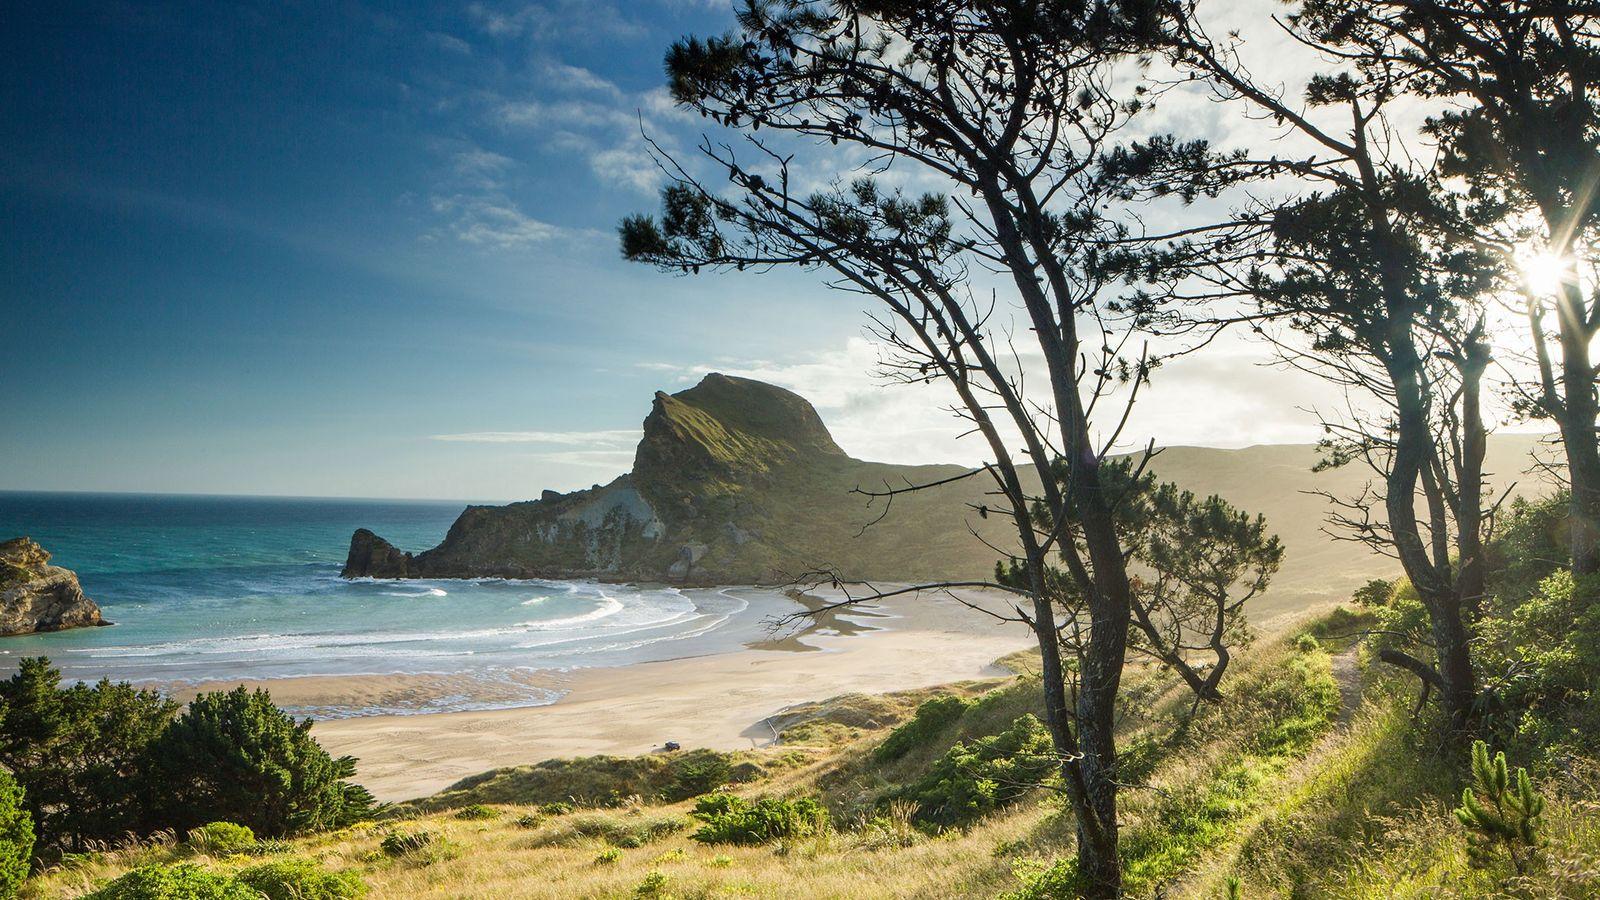 Las vistas en Castlepoint, en la Isla Norte de Nueva Zelanda, son maravillosas.